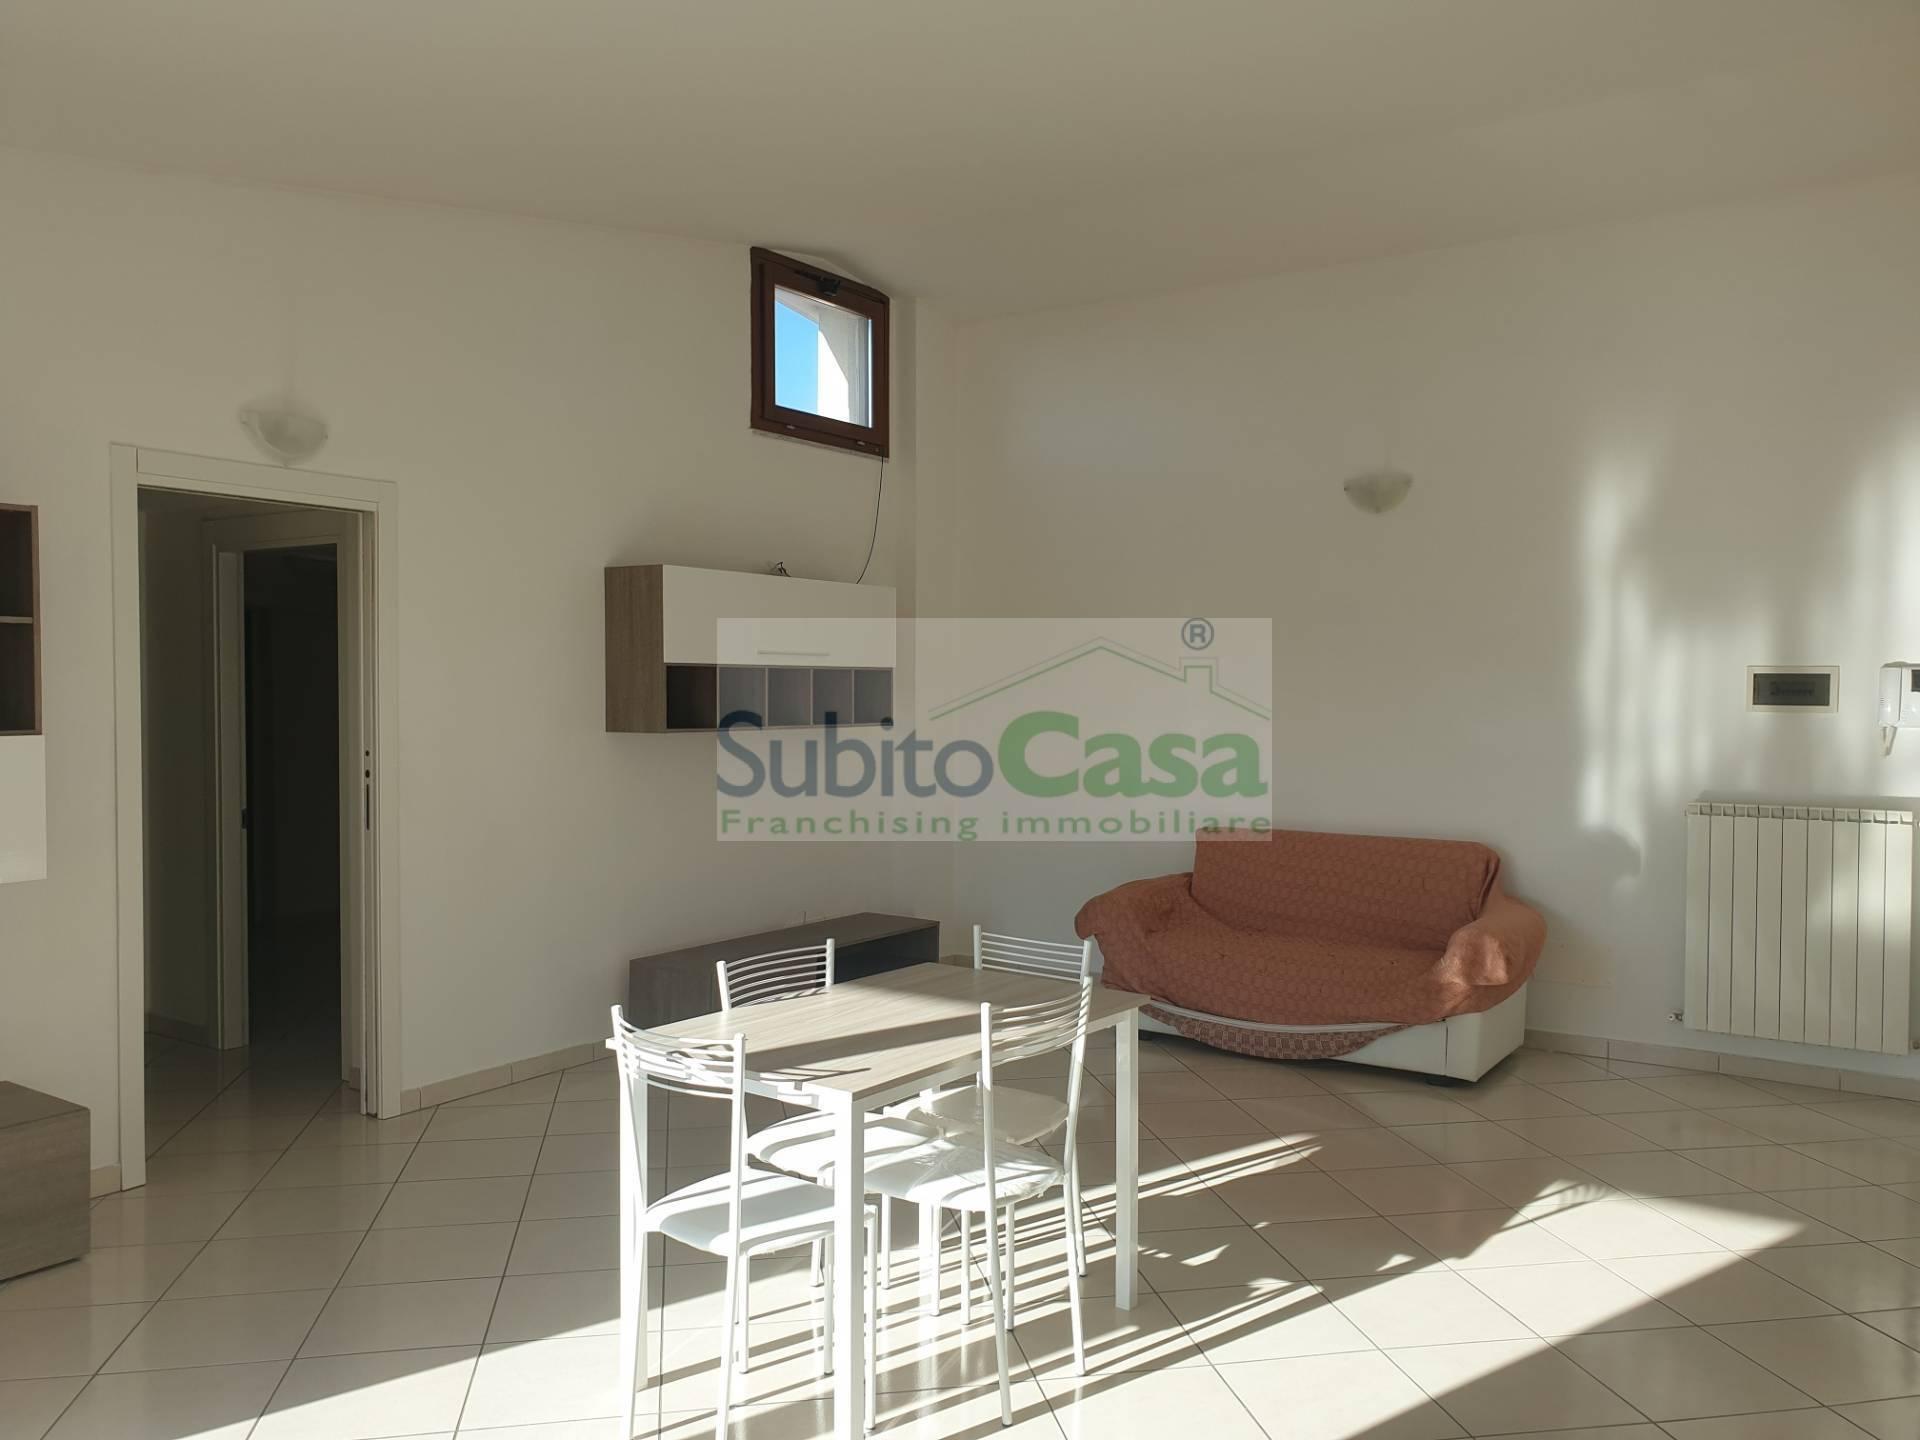 Appartamento in vendita a San Giovanni Teatino, 5 locali, zona Località: SambucetoCentro, prezzo € 143.000 | PortaleAgenzieImmobiliari.it